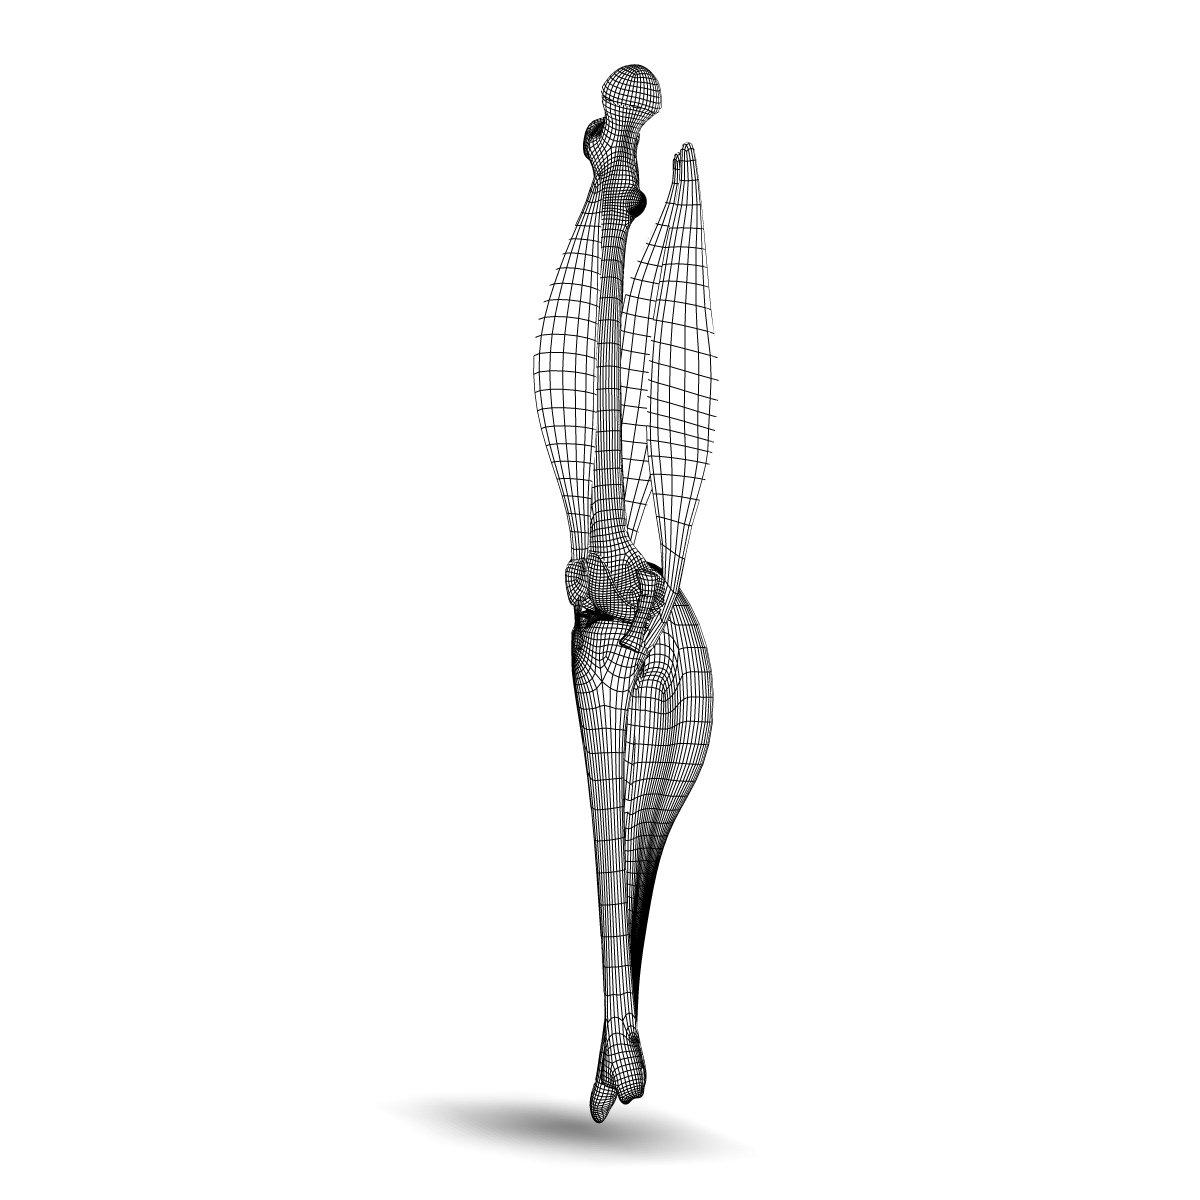 Knee Joint Anatomy 3D Model in Anatomy 3DExport